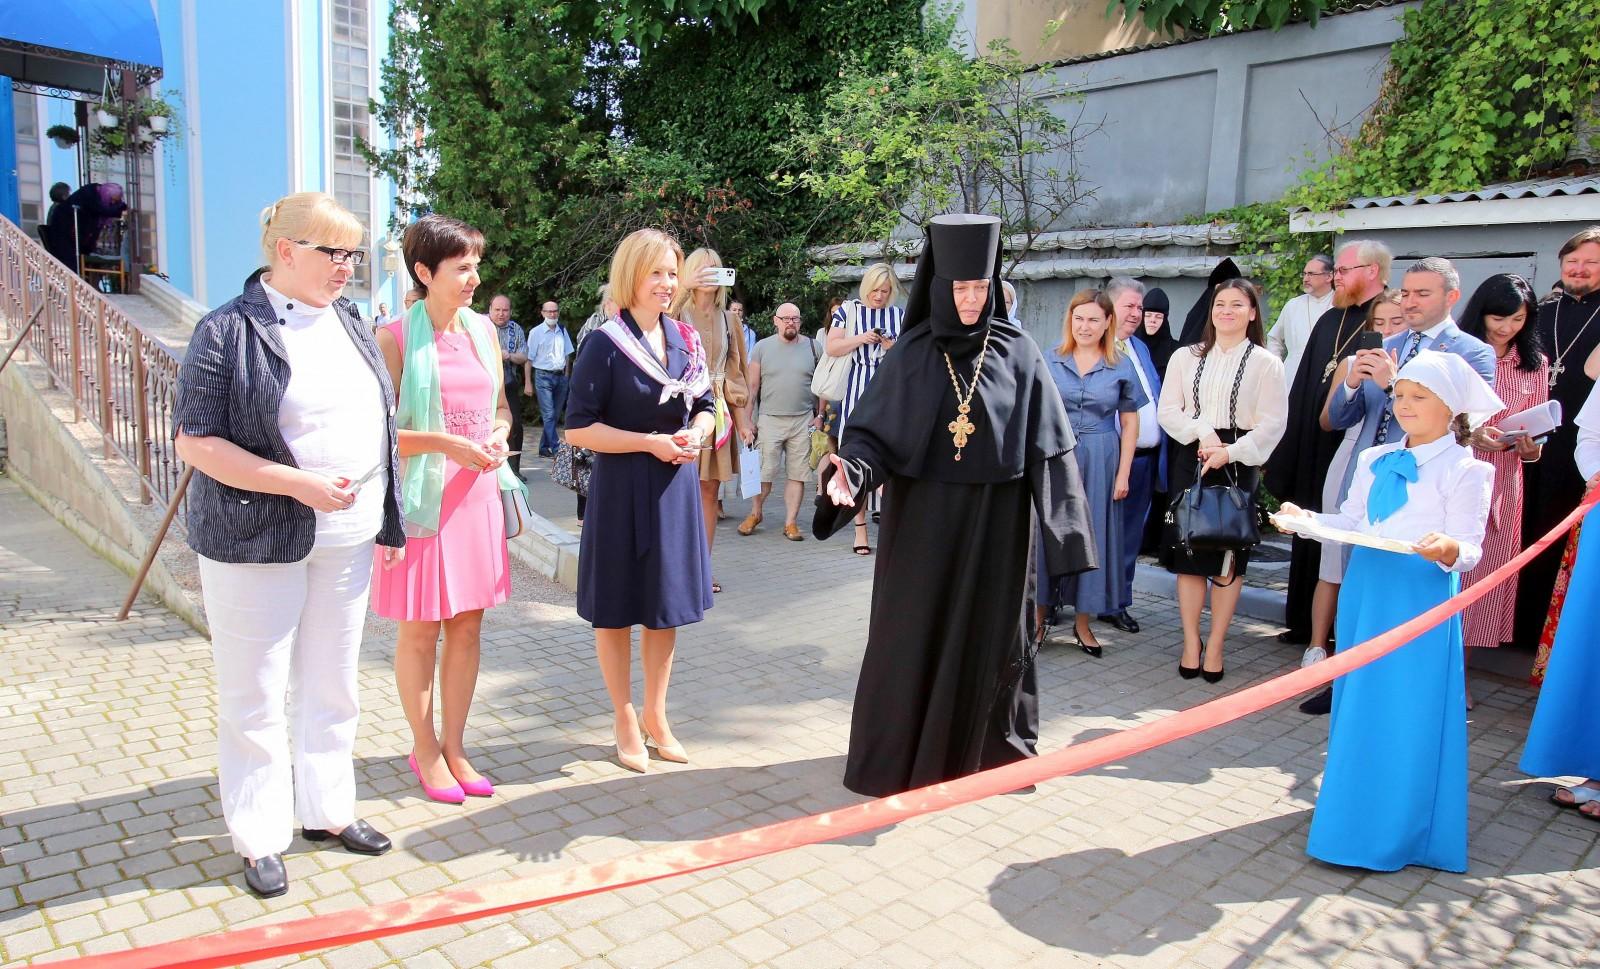 Открытие приюта для женщин при Доме милосердия Архангело-Михайловского женского монастыря Одессы